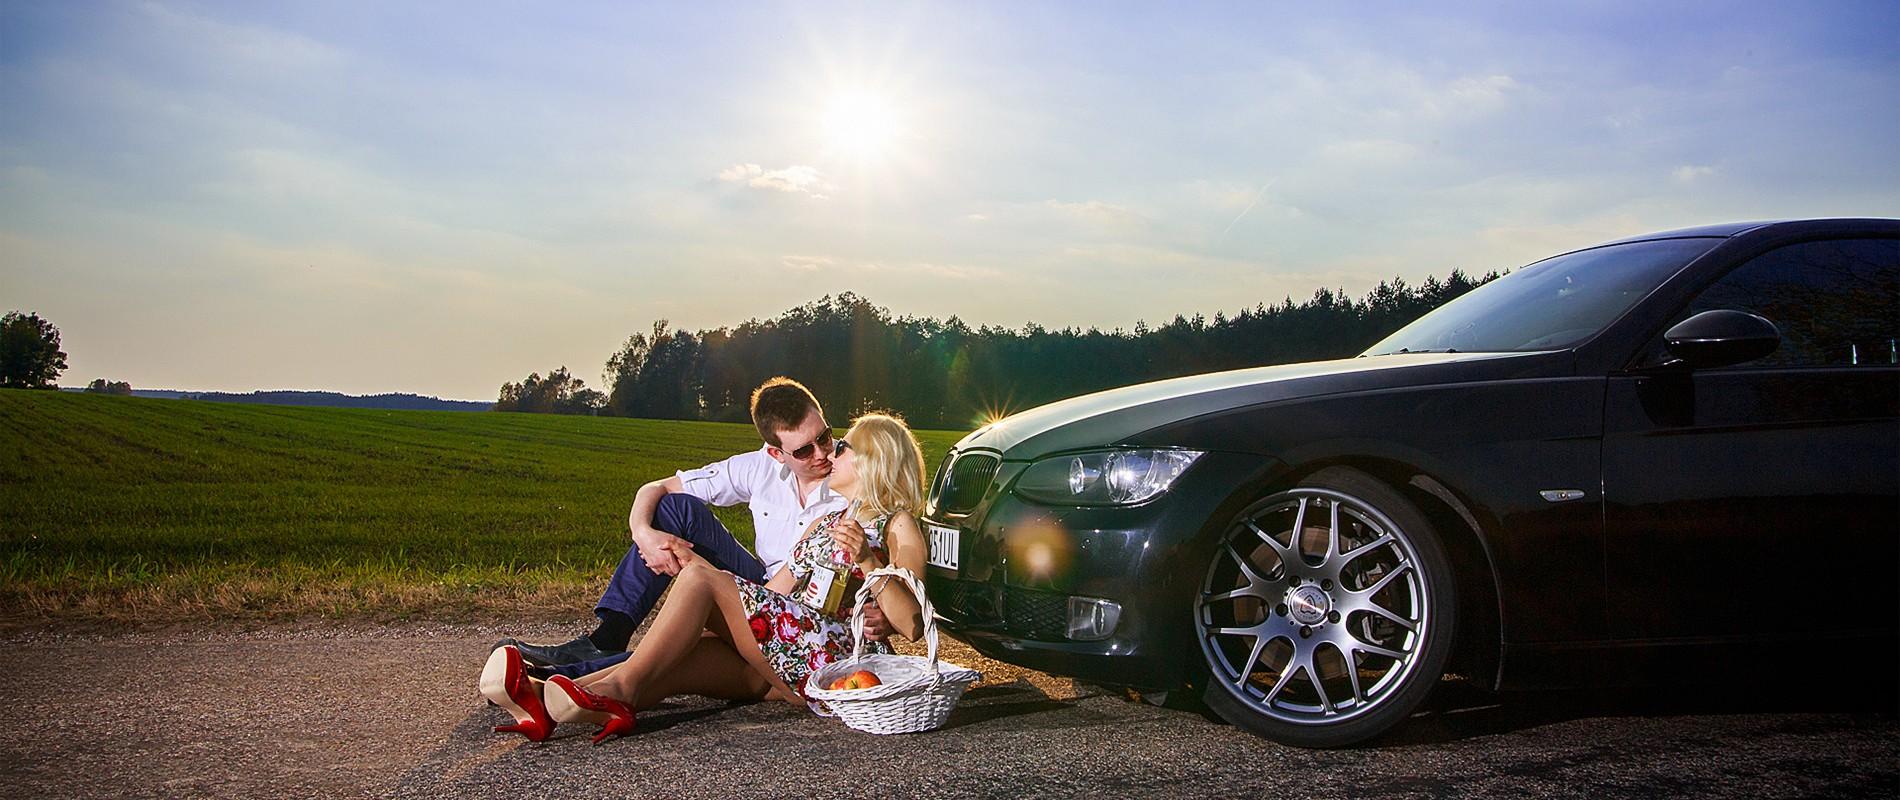 Agnieszka & Michał – Sesja narzeczeńska